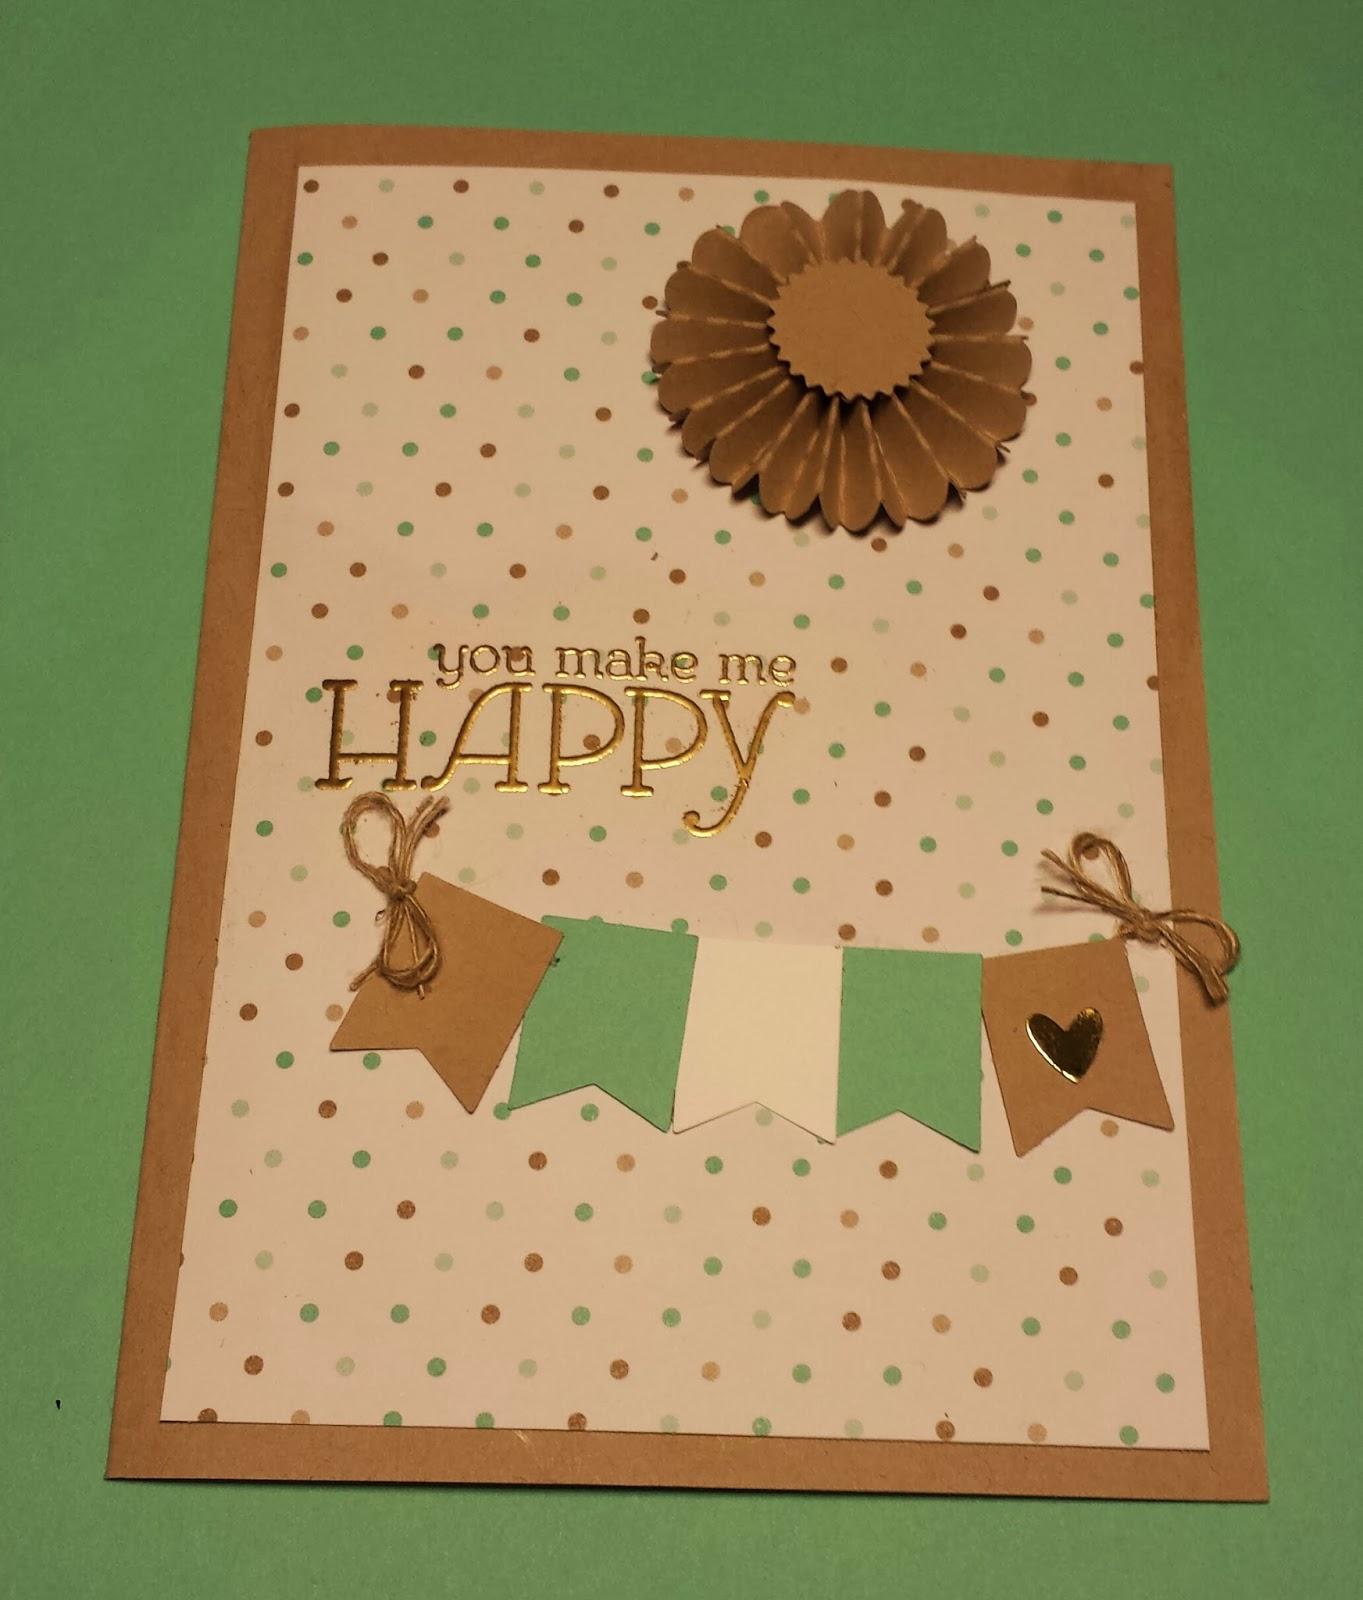 http://www.geschenkepapier.blogspot.de/